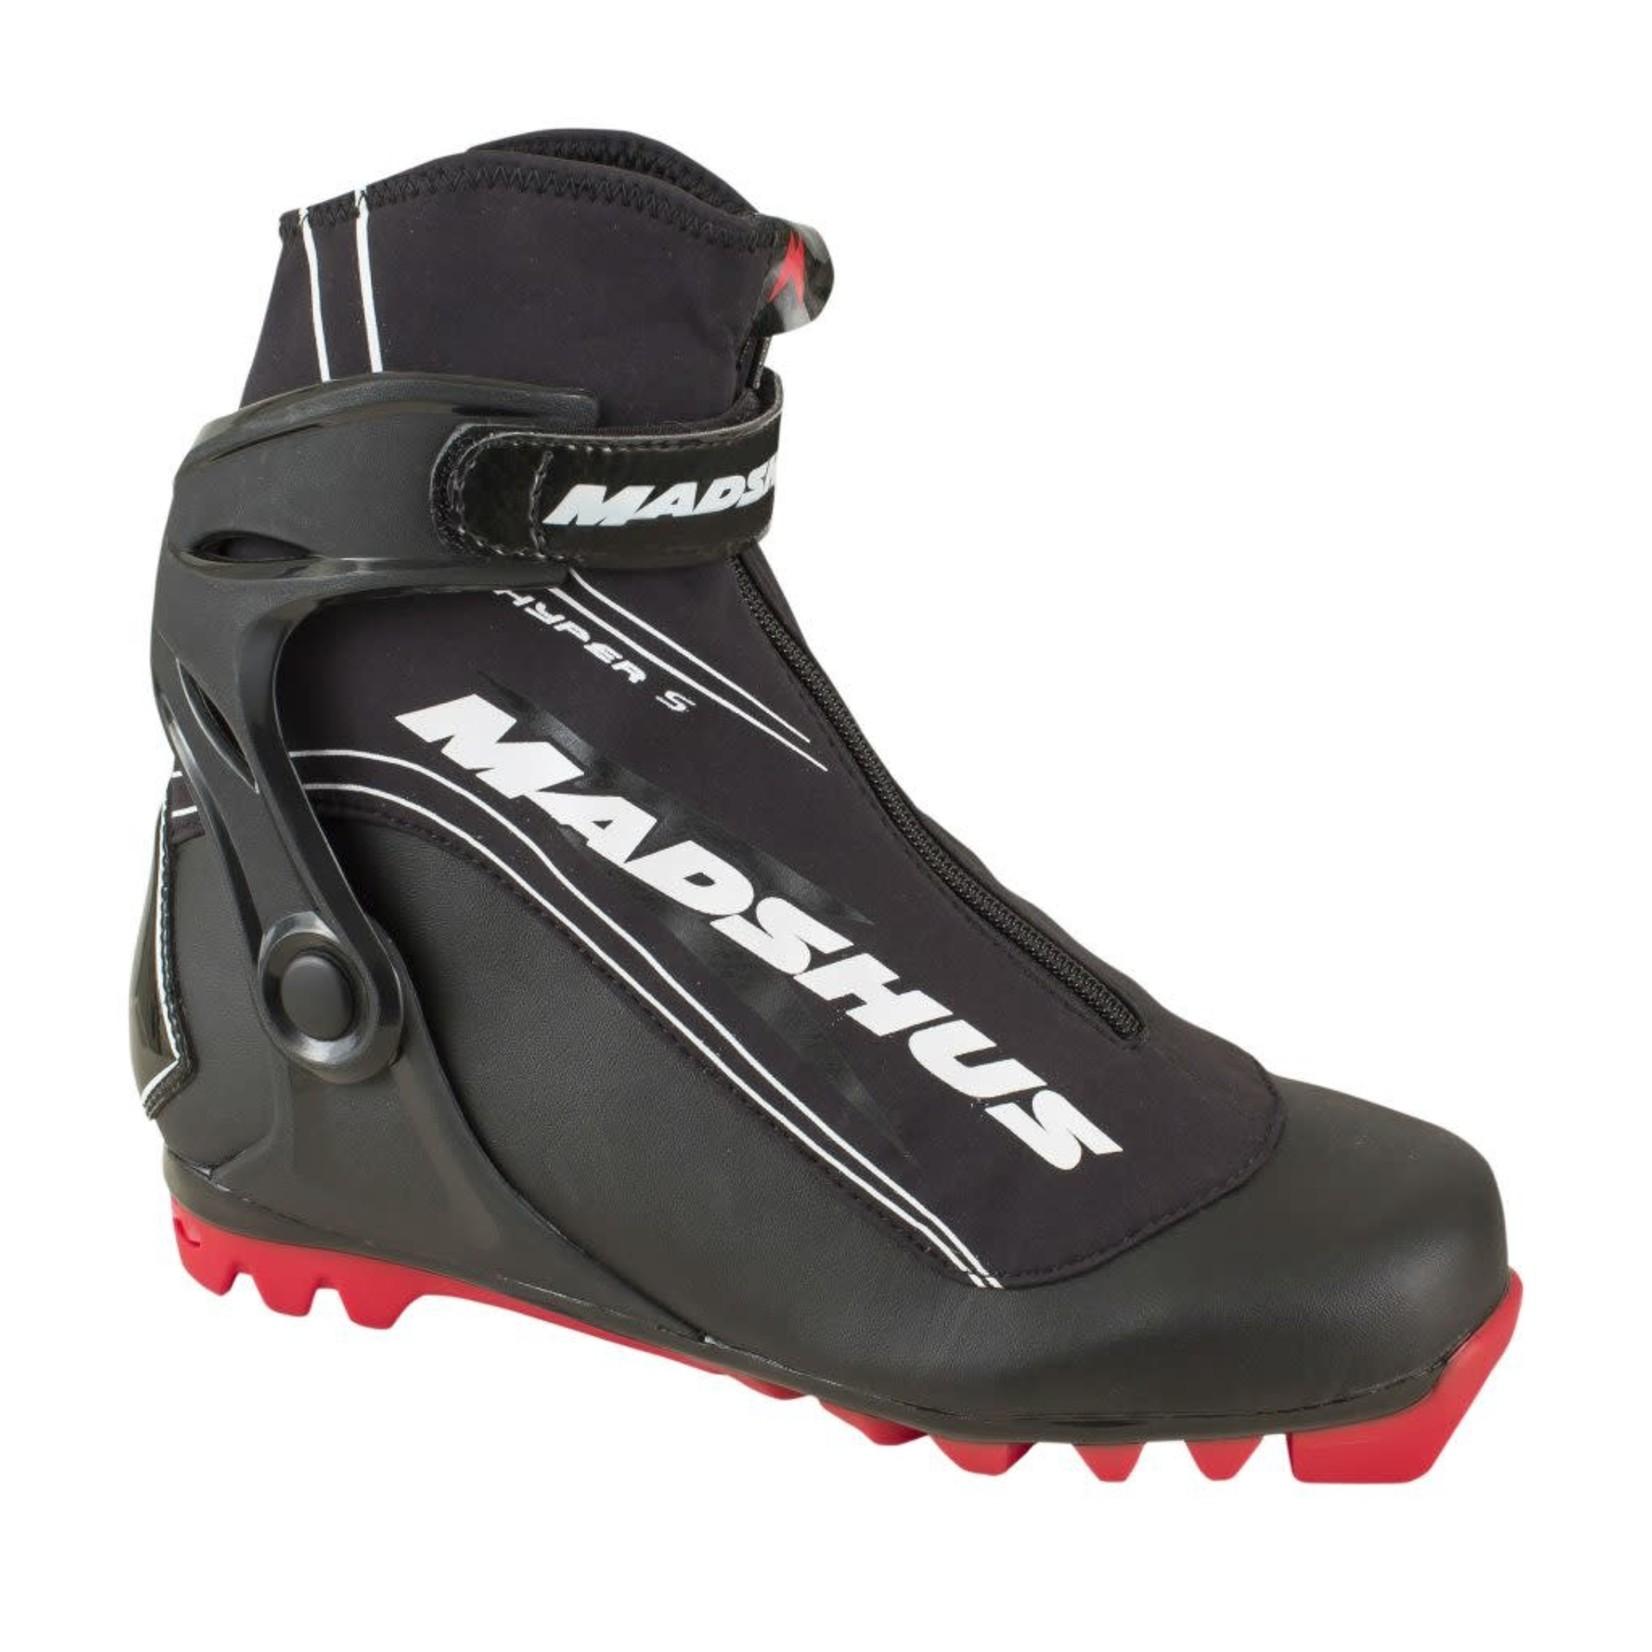 Madshus Madshus Hyper S Skate Boot